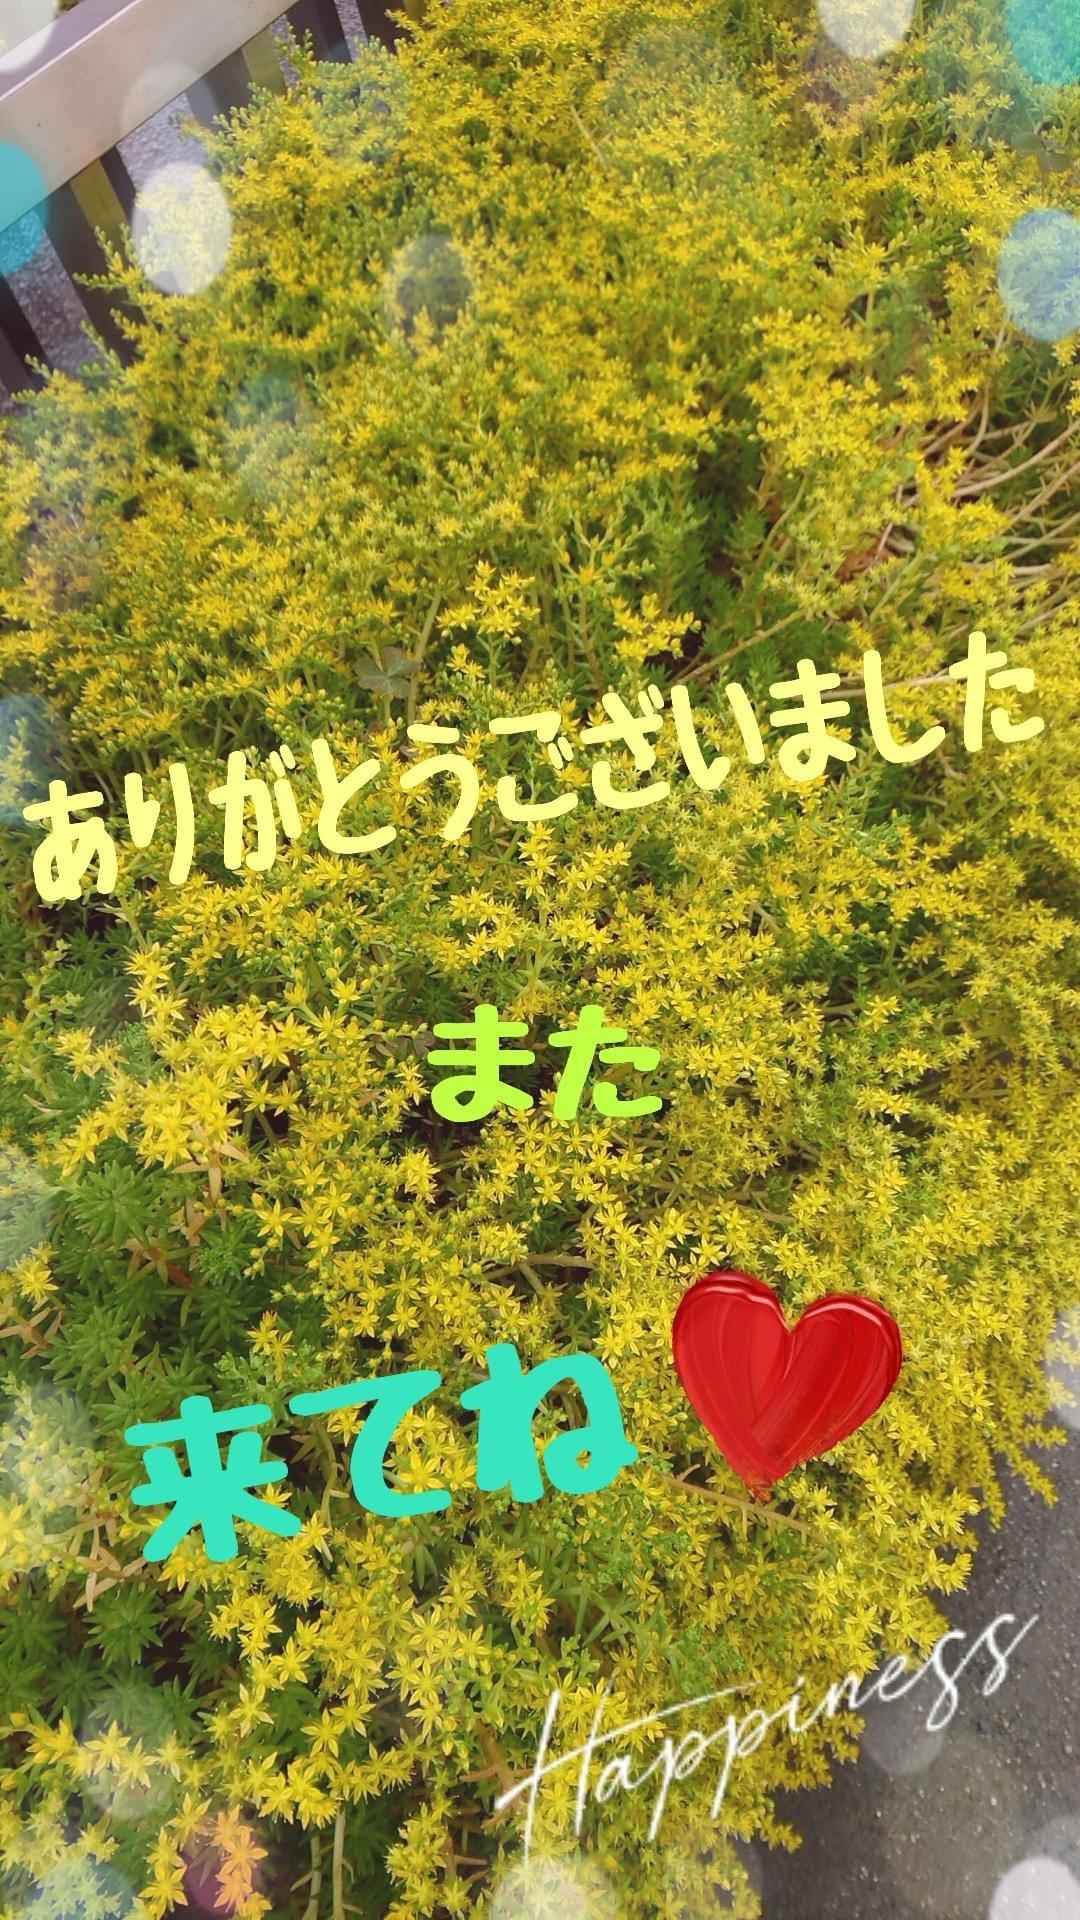 「☆お礼(_ _)☆*°☆*°」06/16(水) 21:58 | あいの写メ